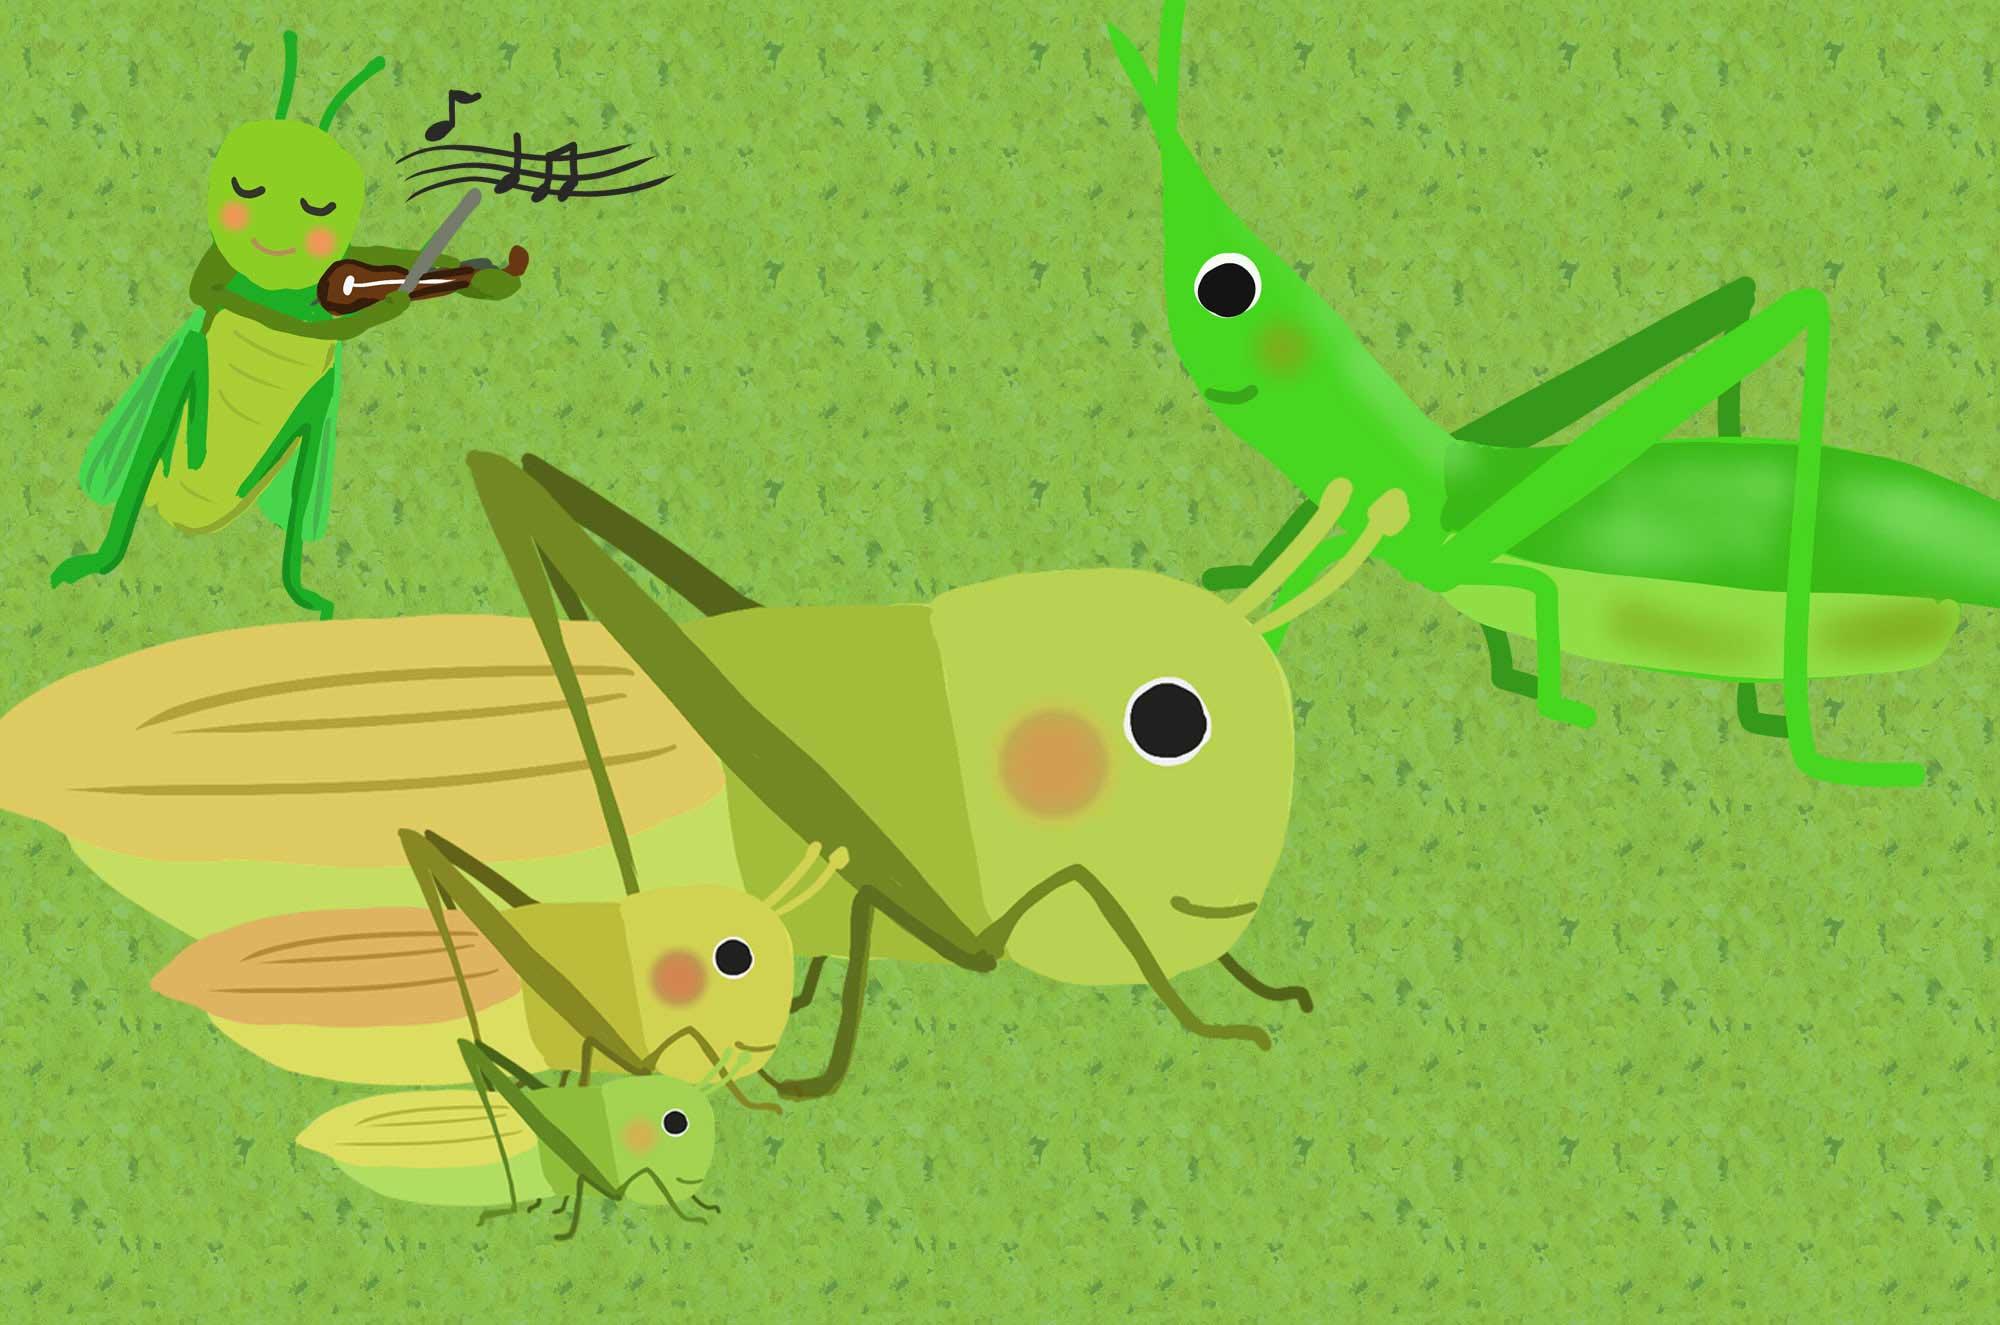 バッタイラスト - 飛んだりはねたり可愛い昆虫無料素材